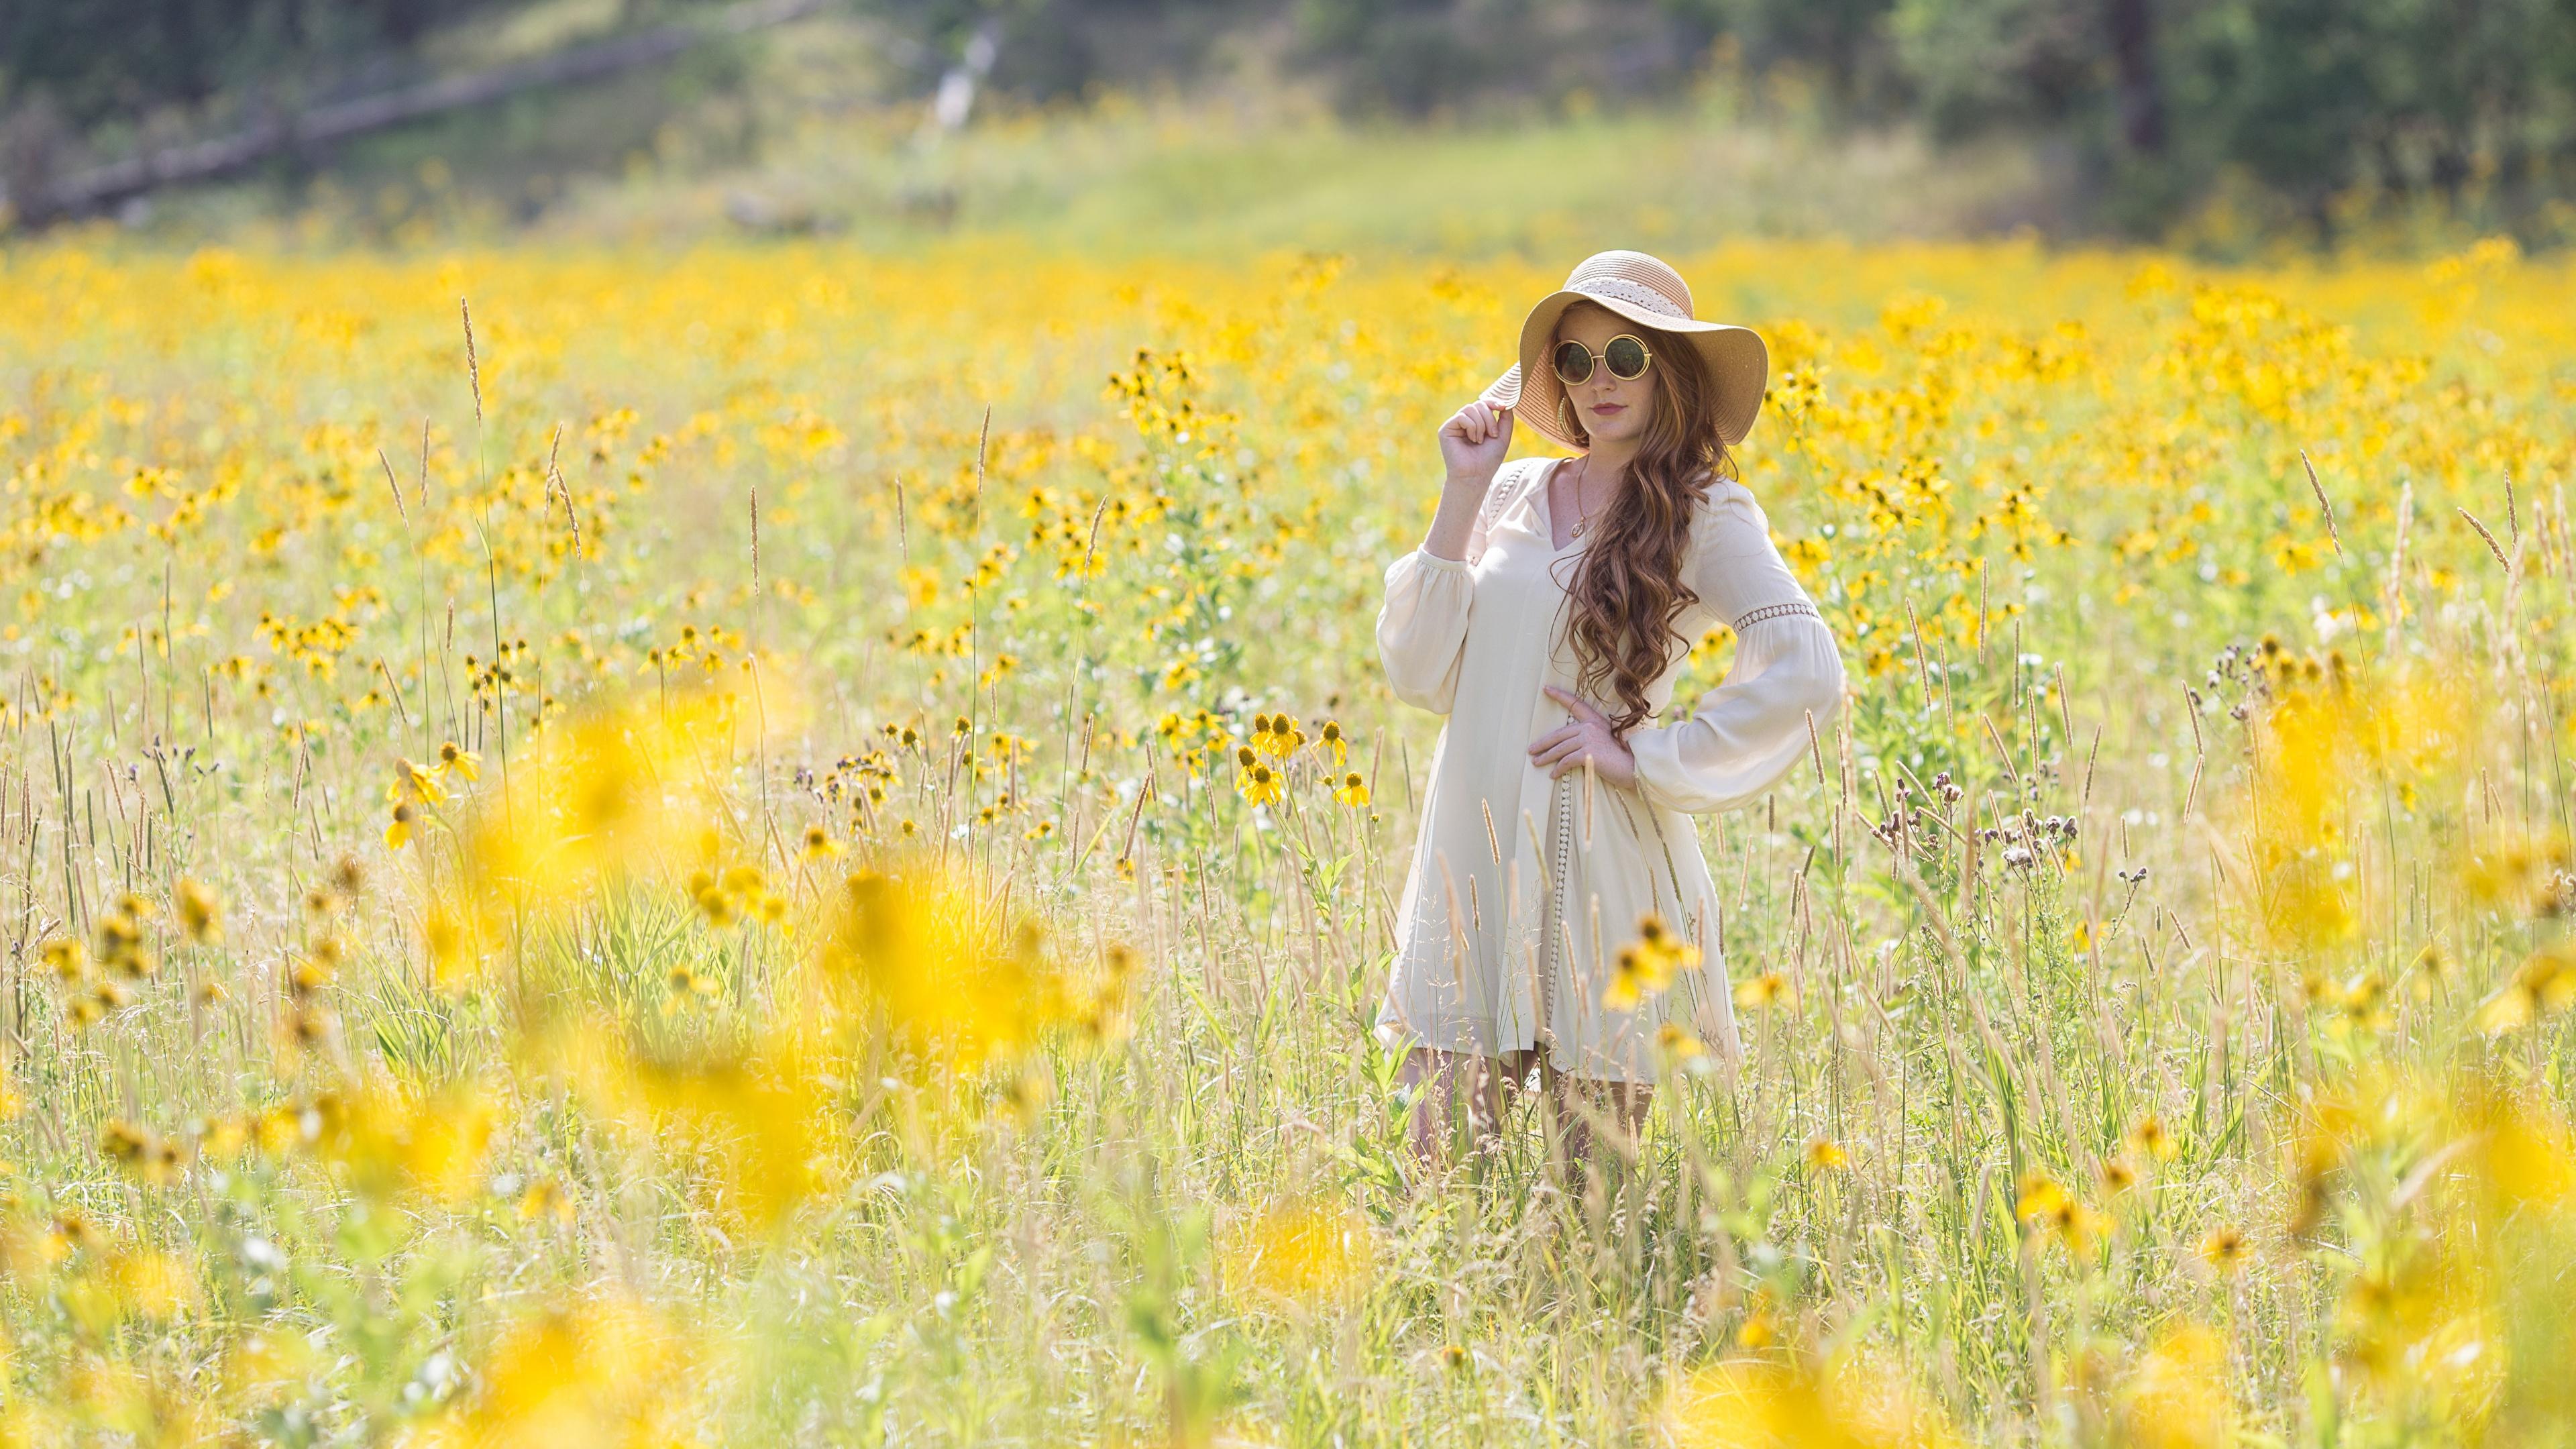 Картинки Шатенка боке Лето Шляпа Девушки Трава очков Платье 3840x2160 шатенки Размытый фон шляпы шляпе девушка молодая женщина молодые женщины Очки траве очках платья